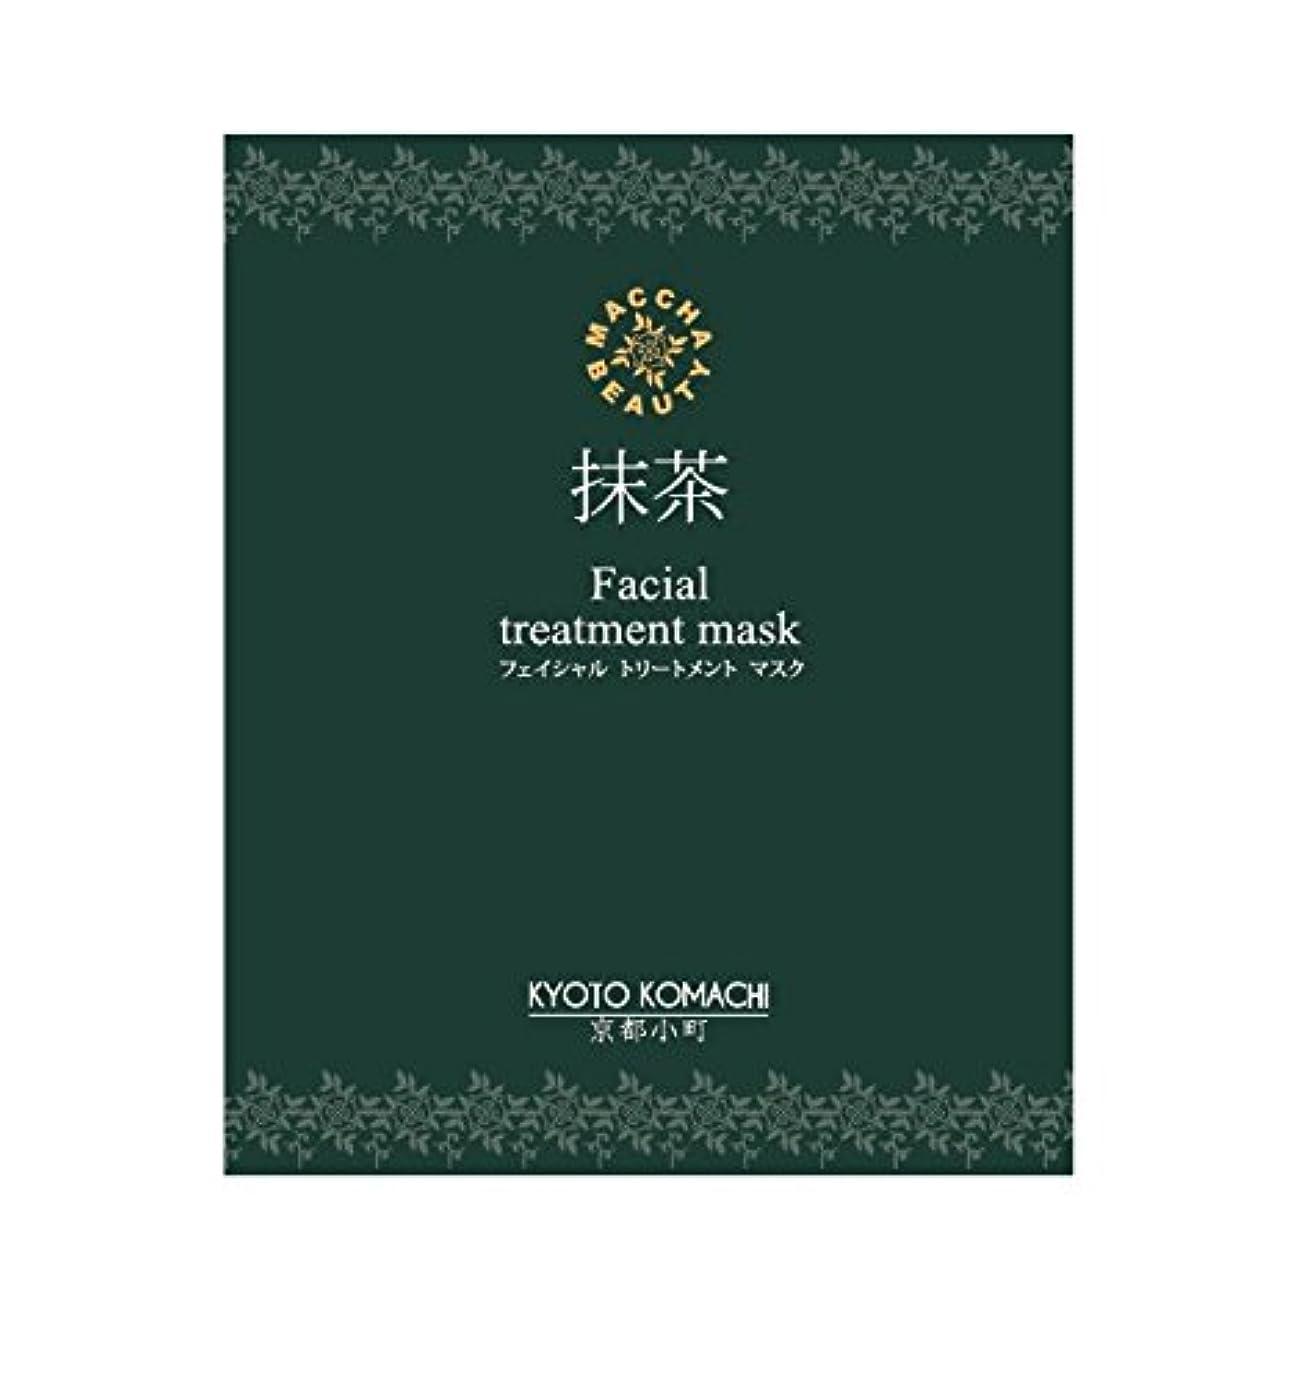 複合白鳥保有者京都小町<抹茶美人>マチャビューティー フェイシャル トリートメント マスク 25g×10枚セット